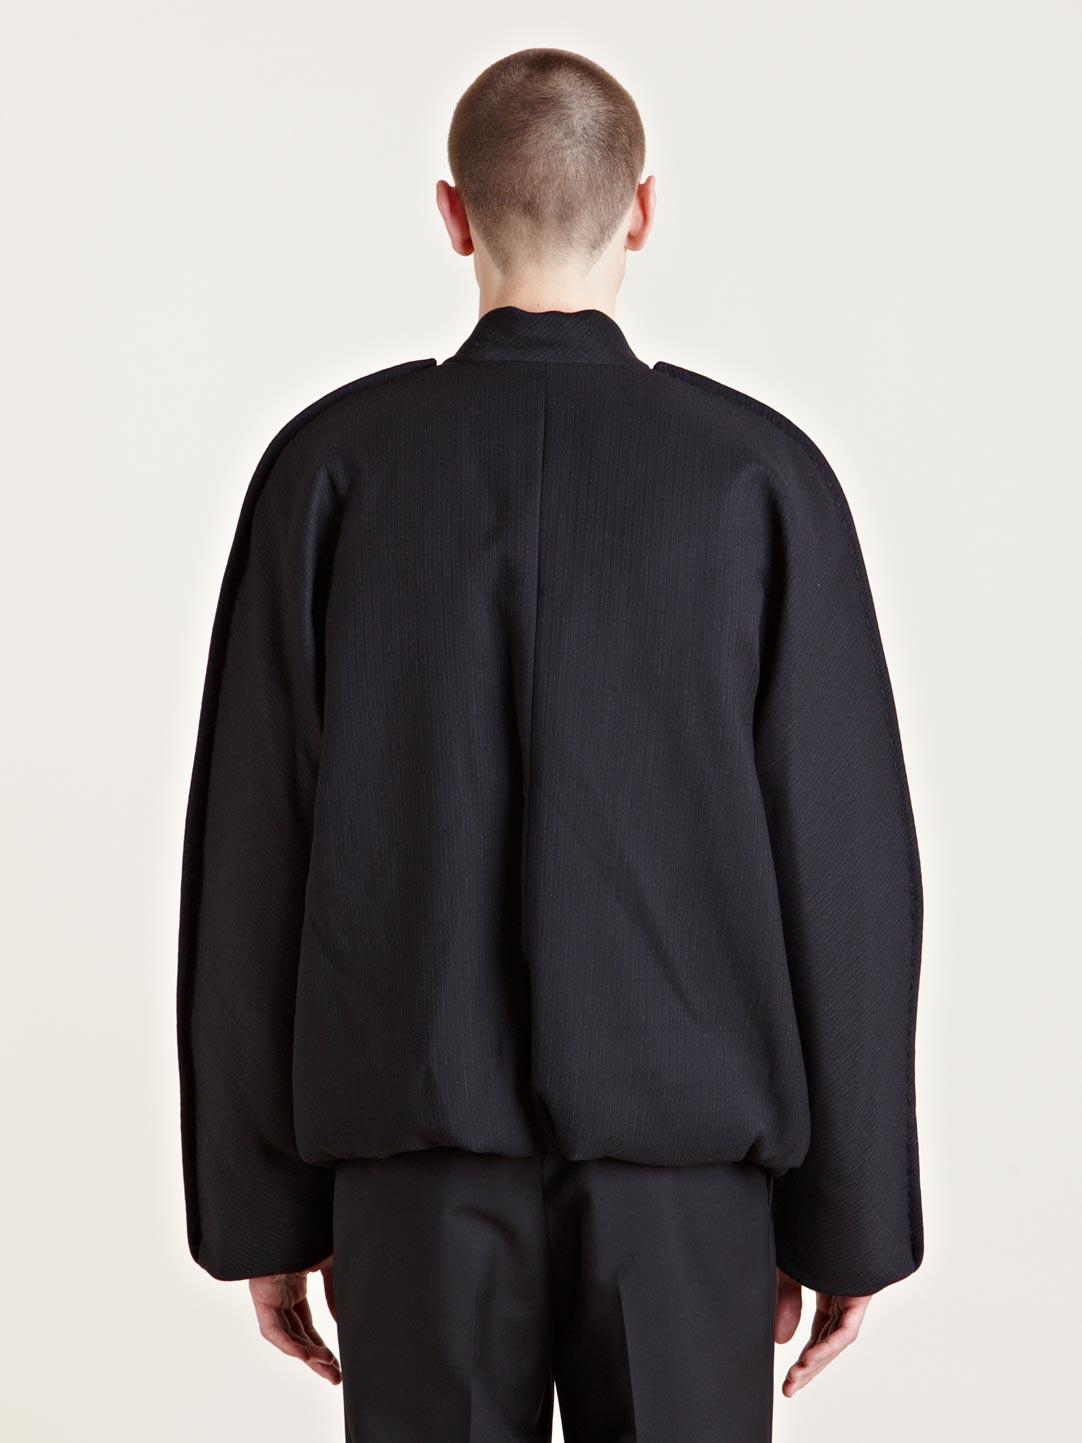 Lyst - Lanvin Mens Blouson Bomber Jacket in Black for Men